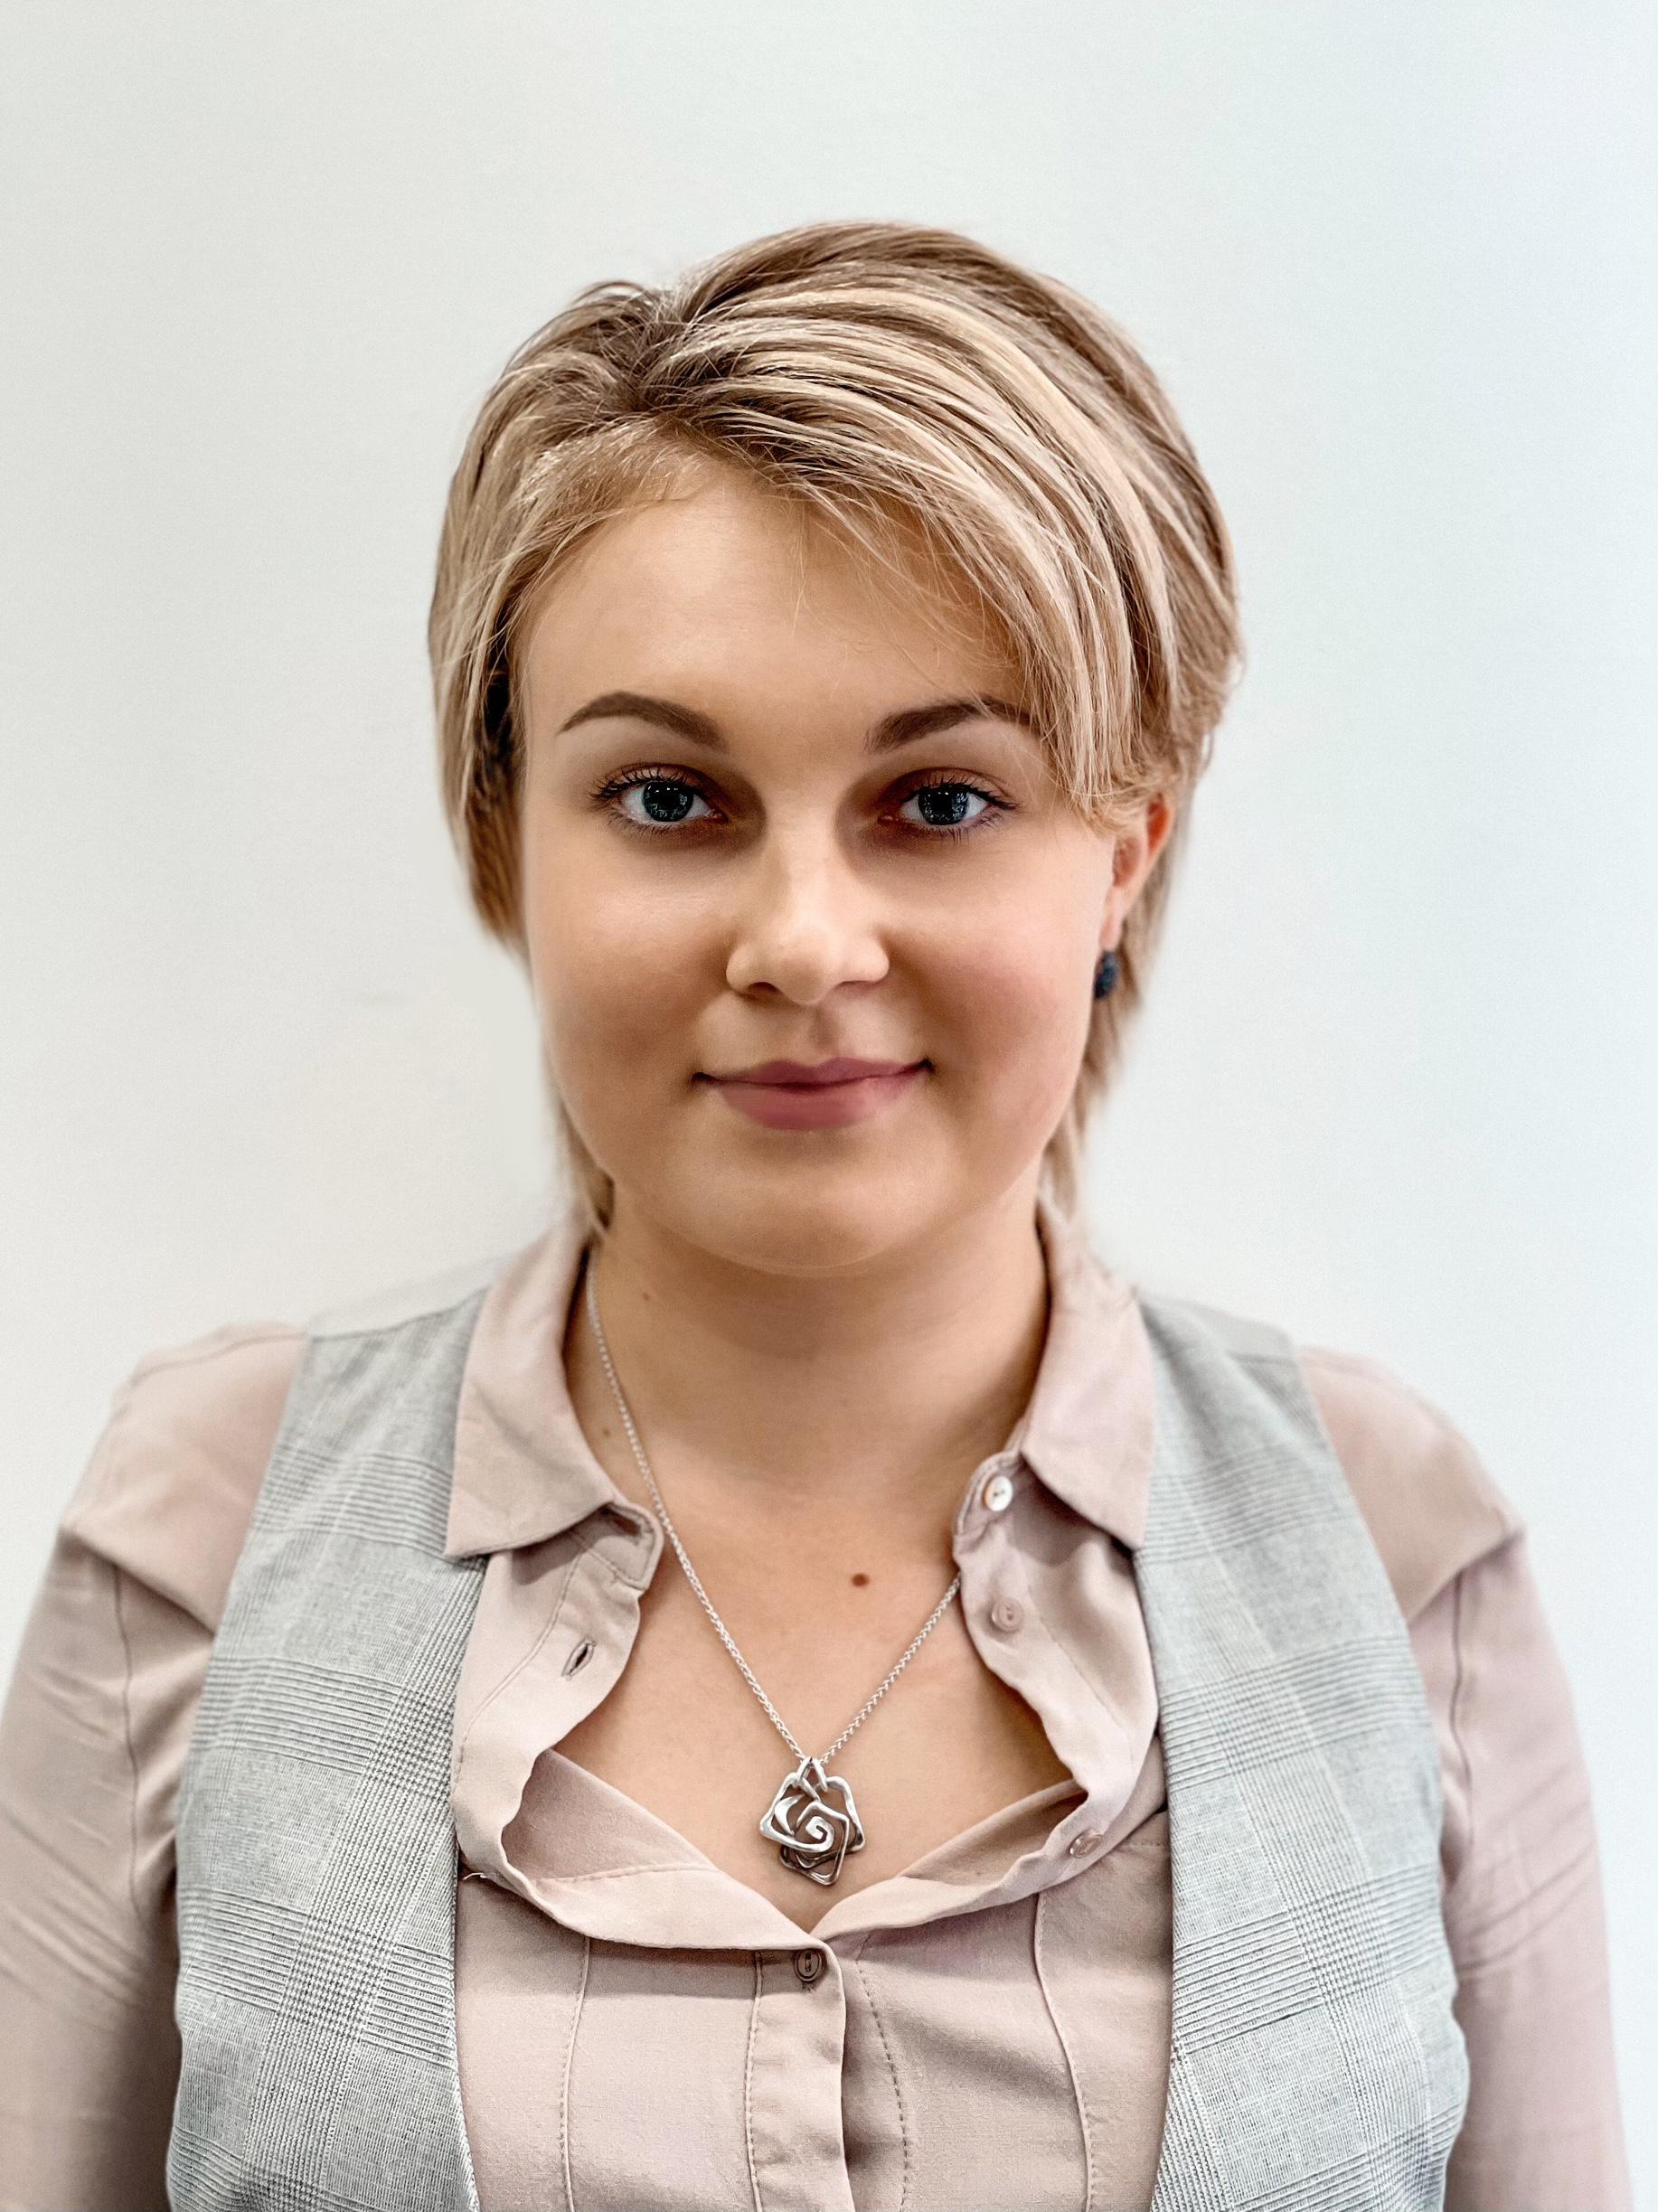 Yuliia Kuznetsova